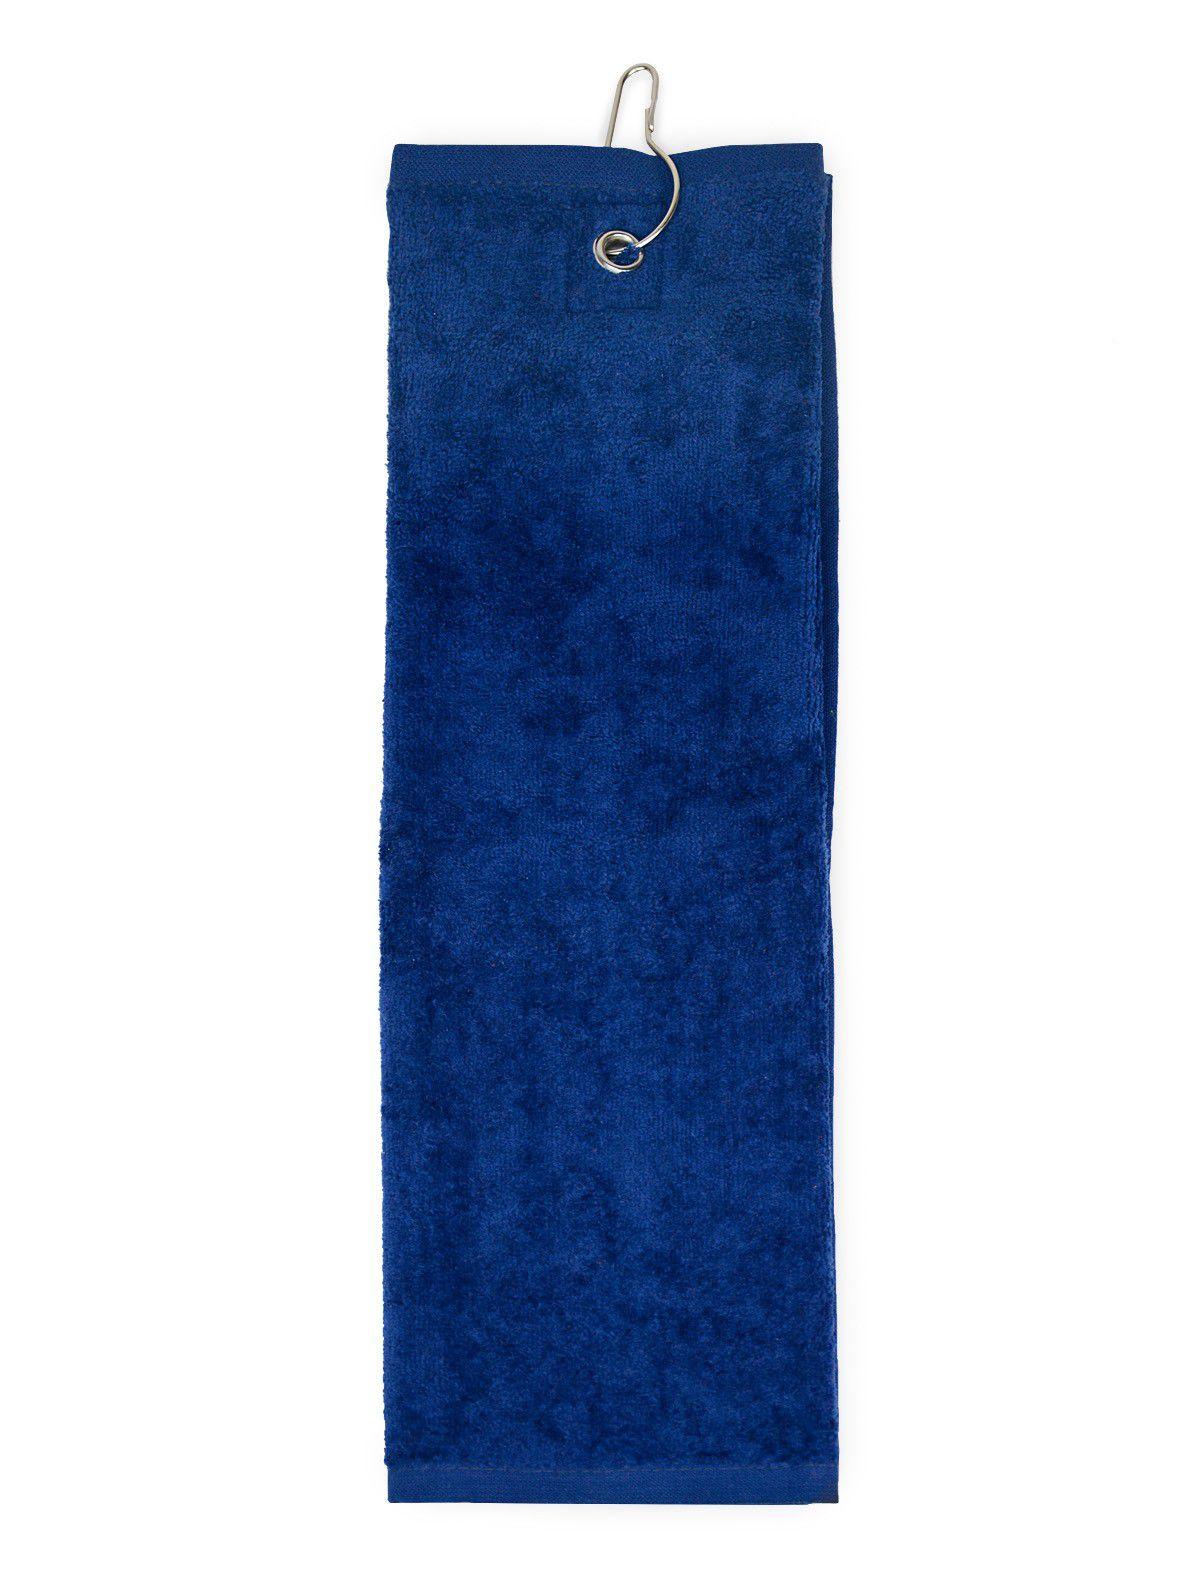 The One Golfhanddoek 450 gram Donker blauw